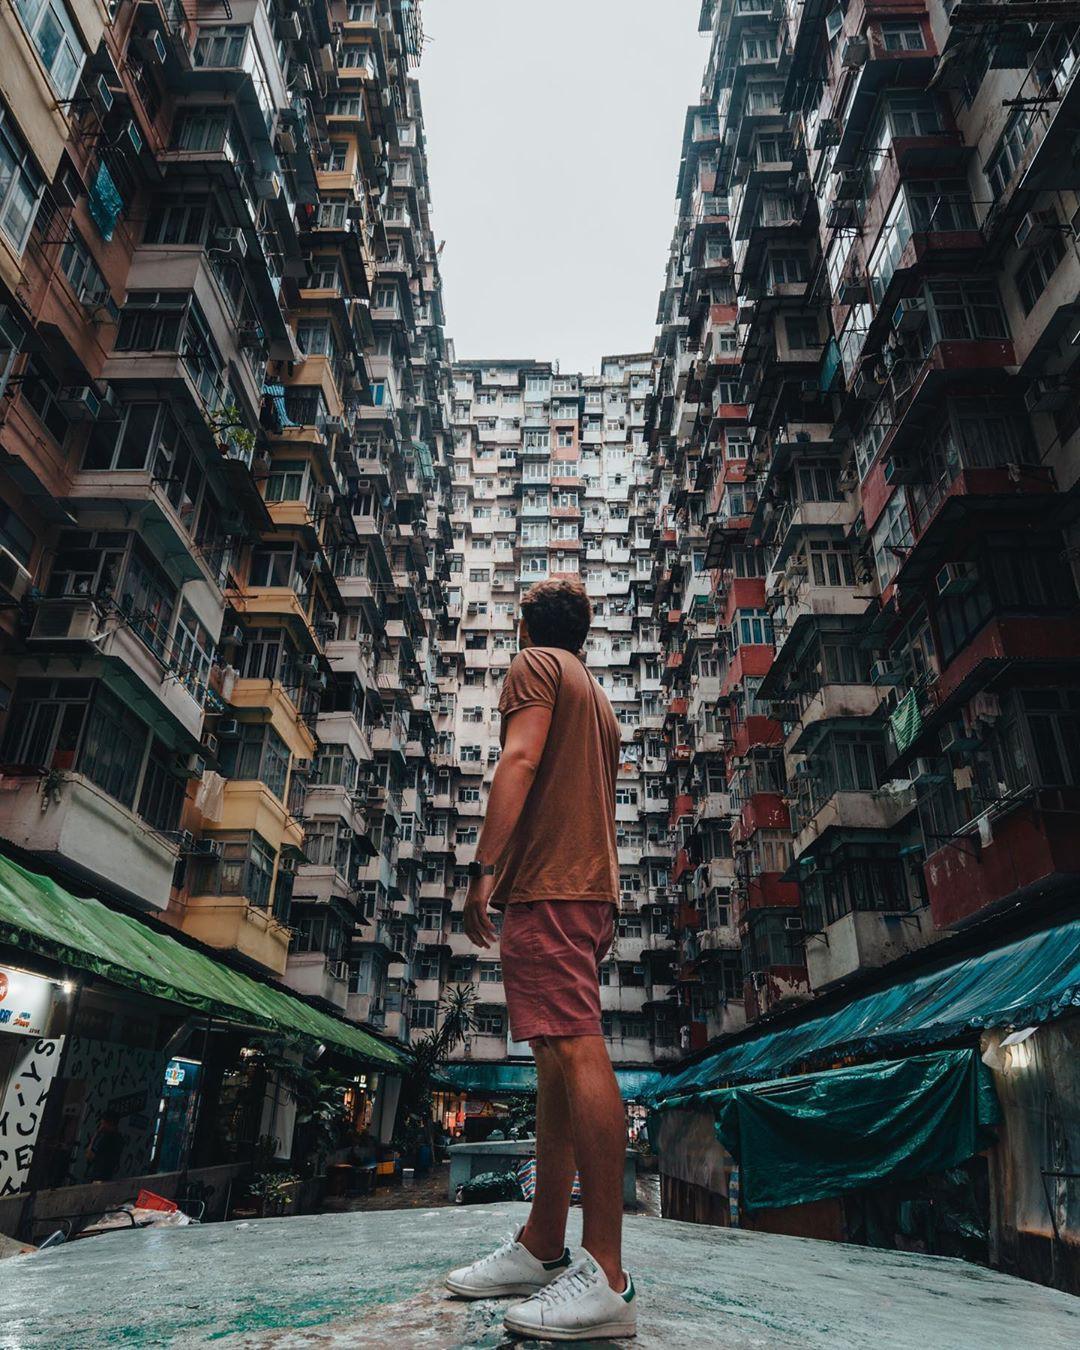 Bỏ túi ngay 8 điểm 'sống ảo' nổi tiếng ở Hong Kong, vị trí thứ 2 hot đến nỗi còn lọt vào top được check-in nhiều nhất trên Instagram! - Ảnh 14.